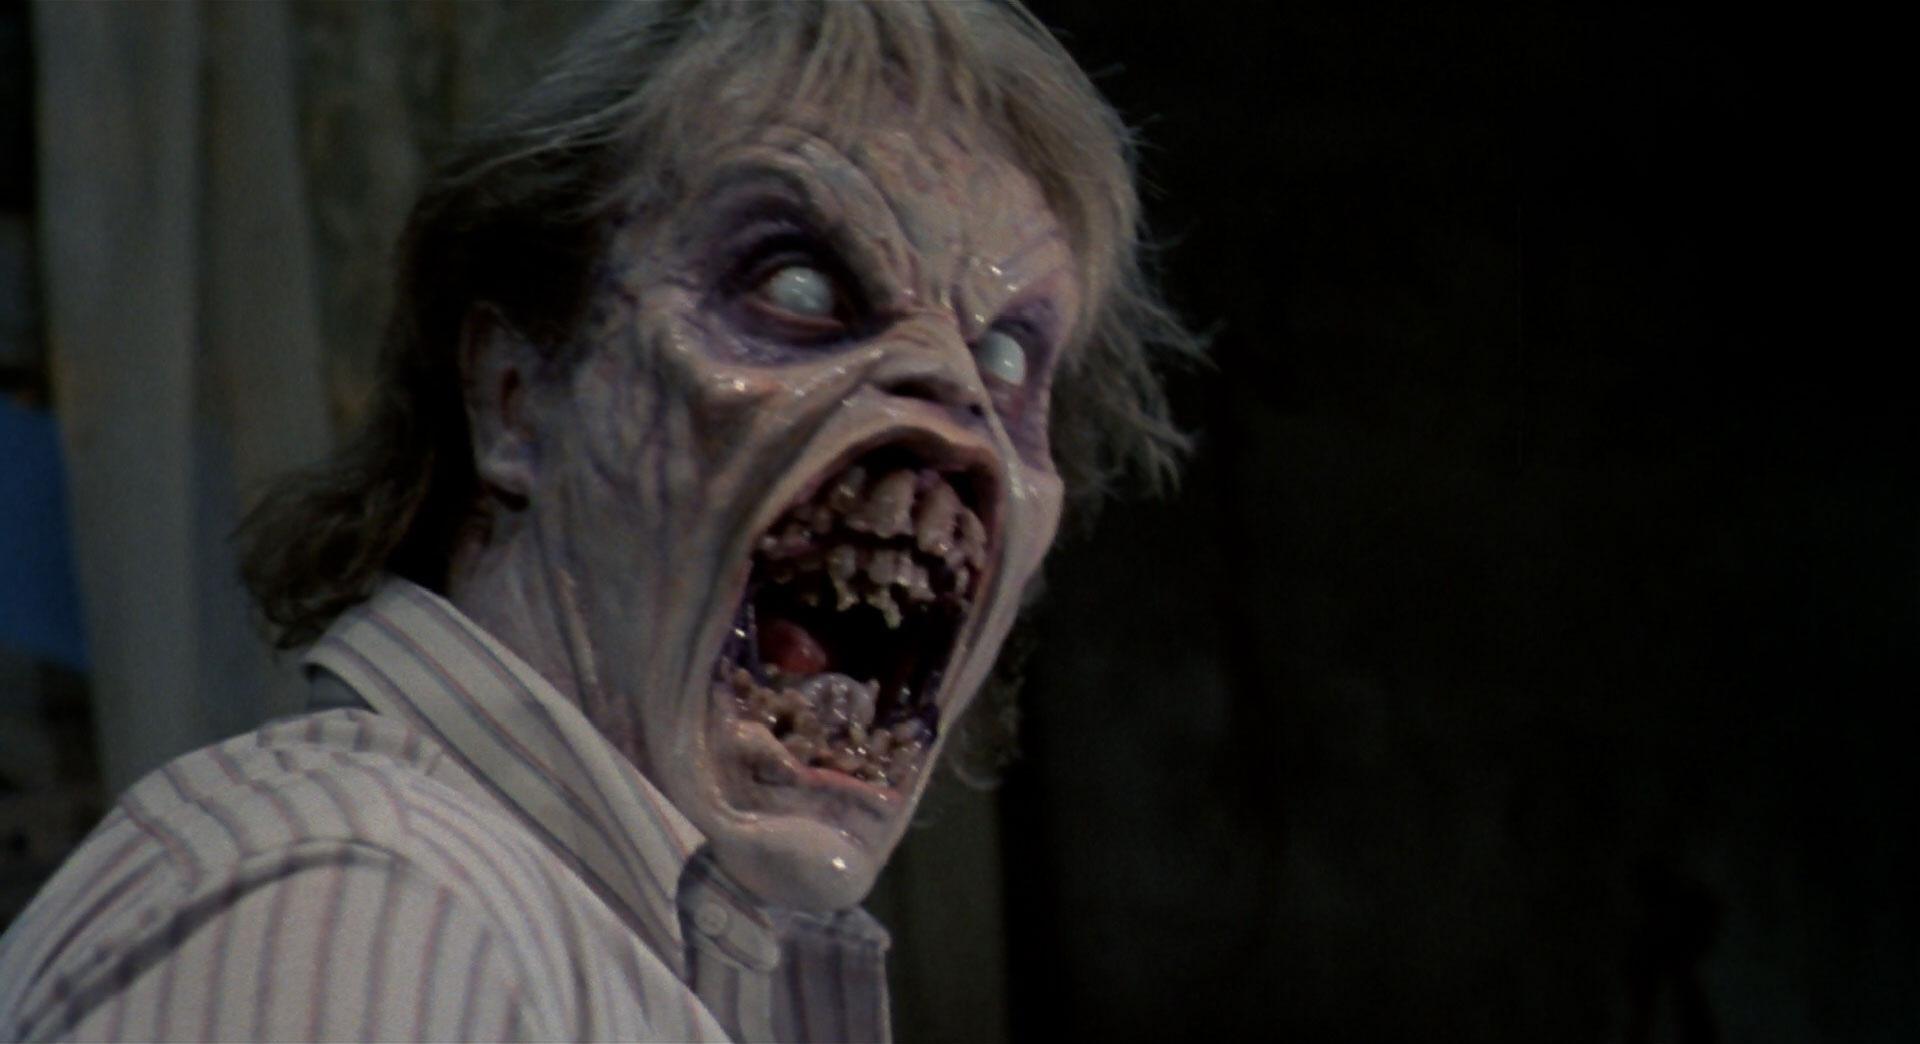 Evil dead natalie possessed